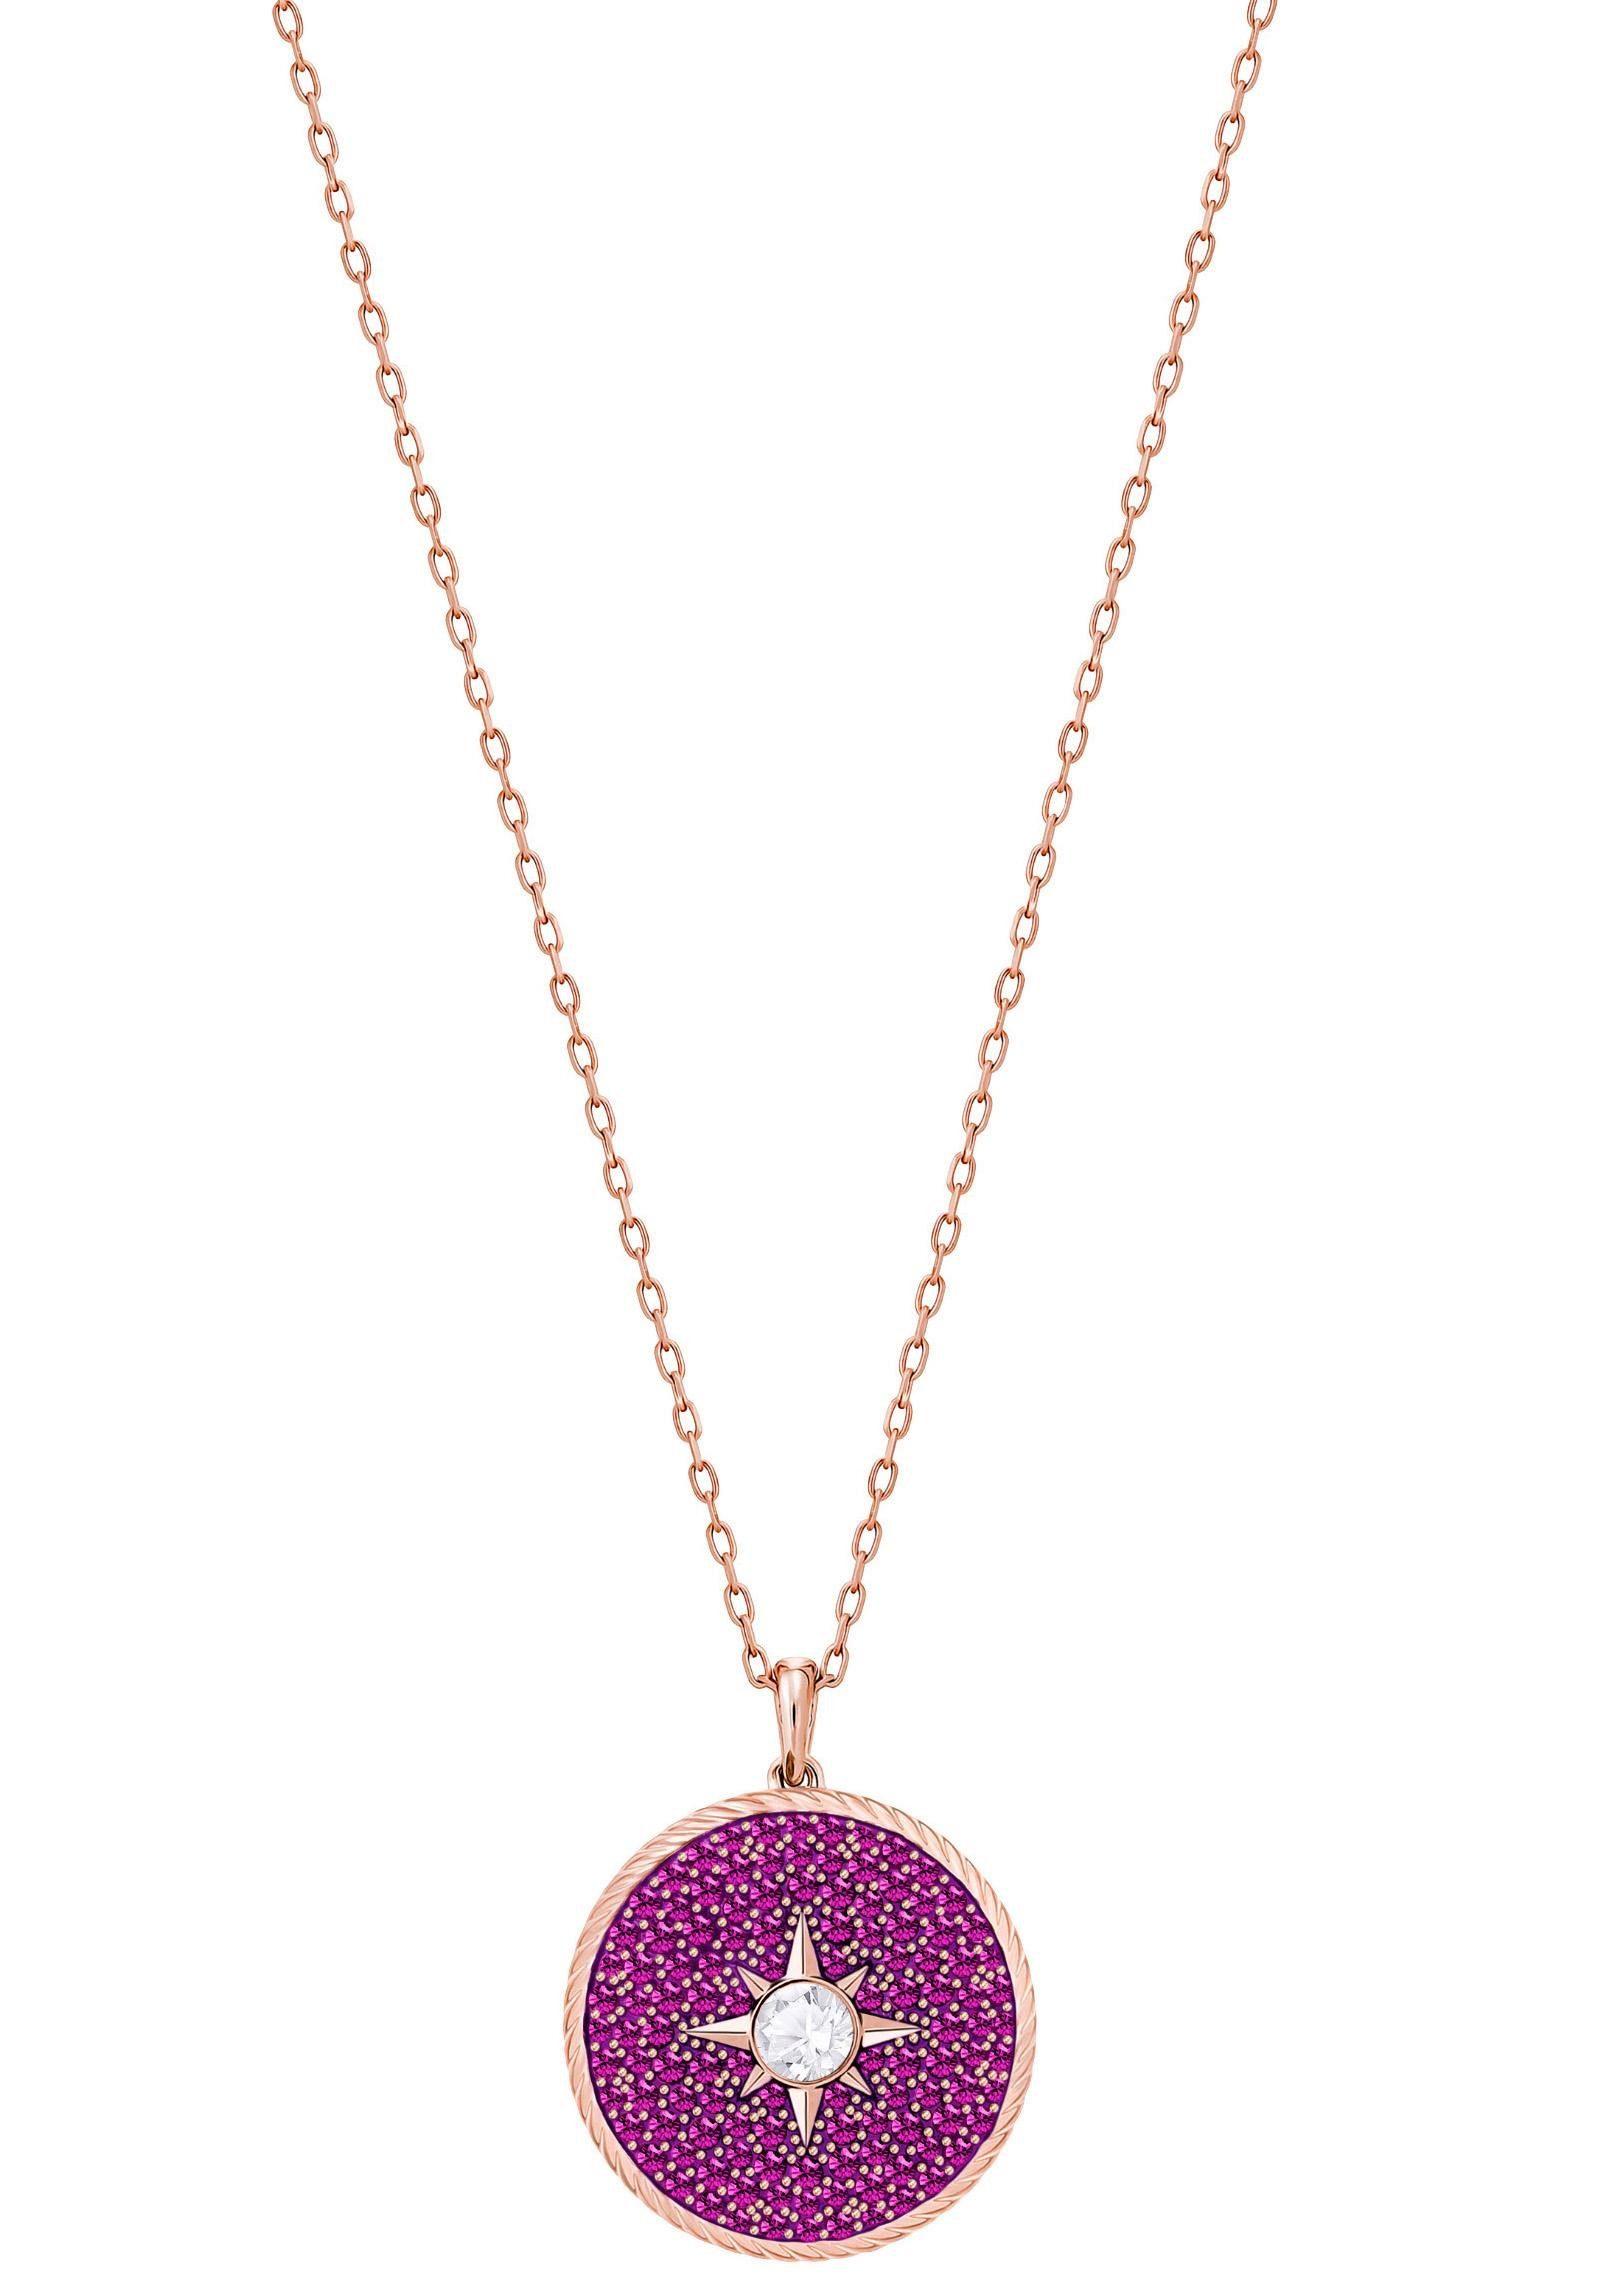 Swarovski Kette mit Anhänger »Locket Anhänger, rosa, rosé Vergoldung, 5397125« mit Swarovski® Kristallen